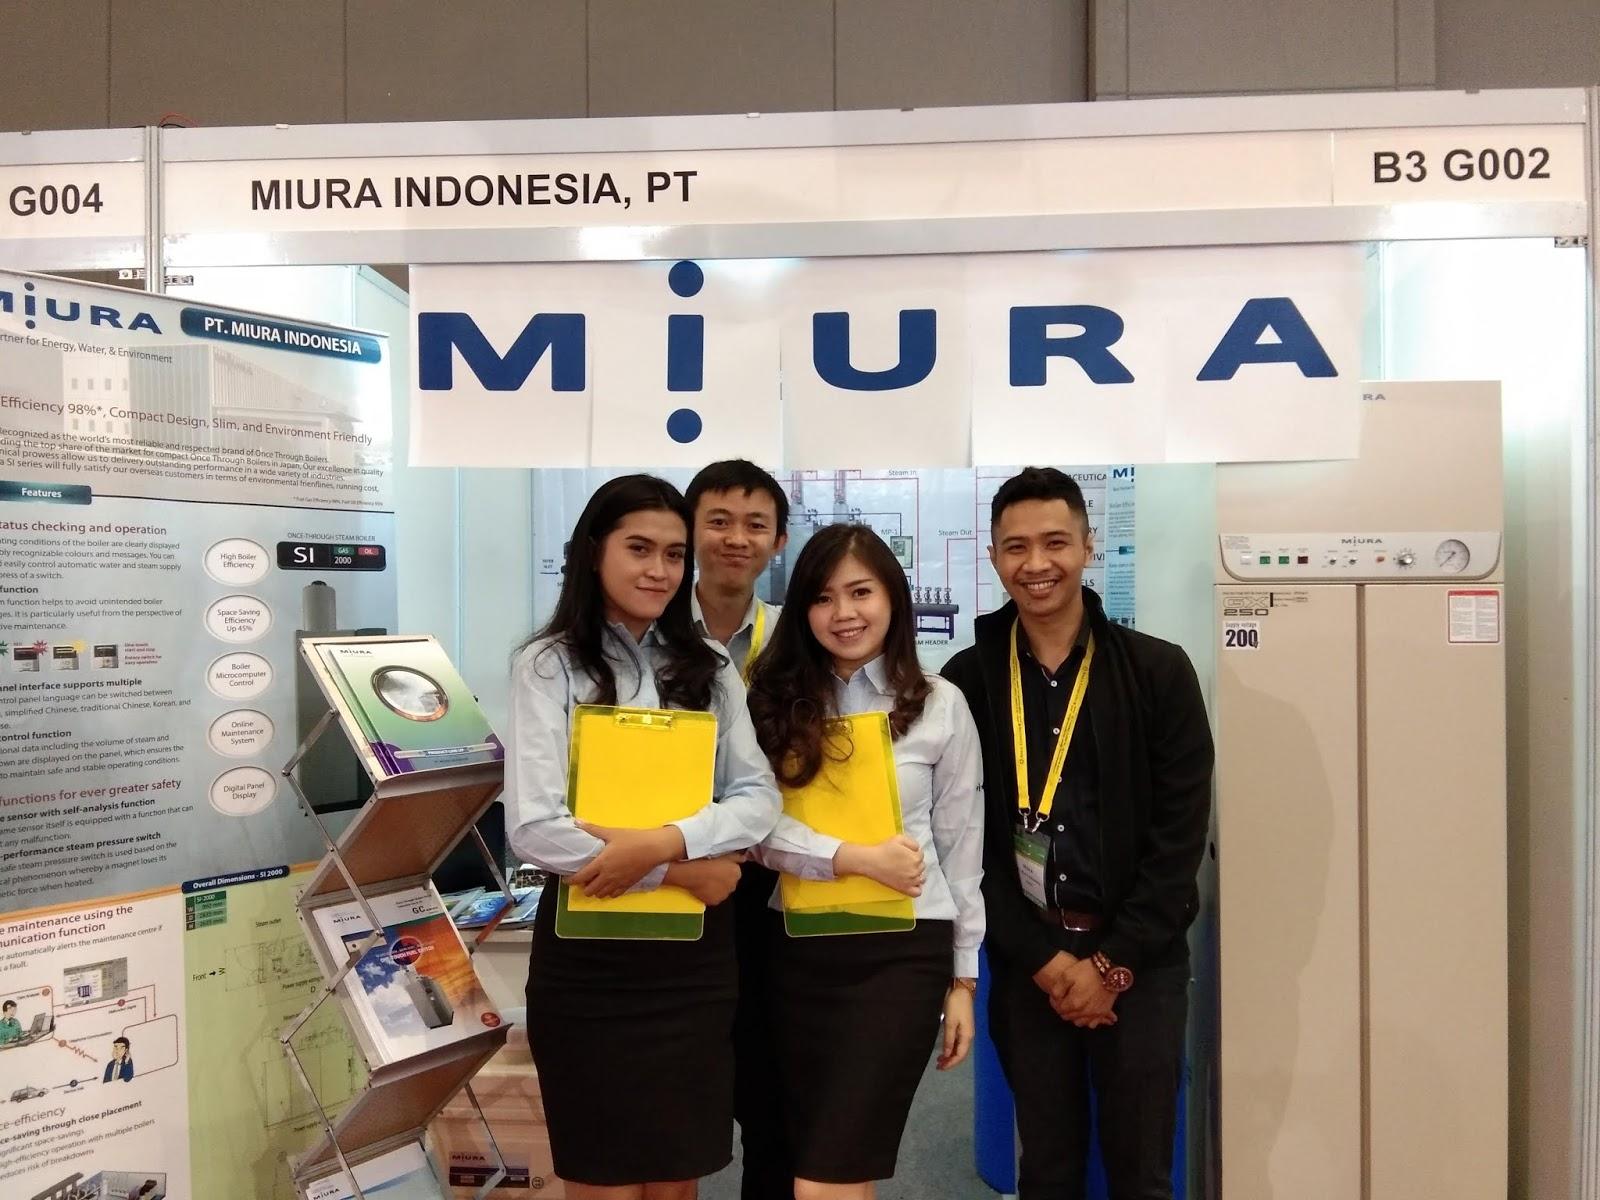 Lowongan Kerja SMA/SMK di PT Miura Indonesia